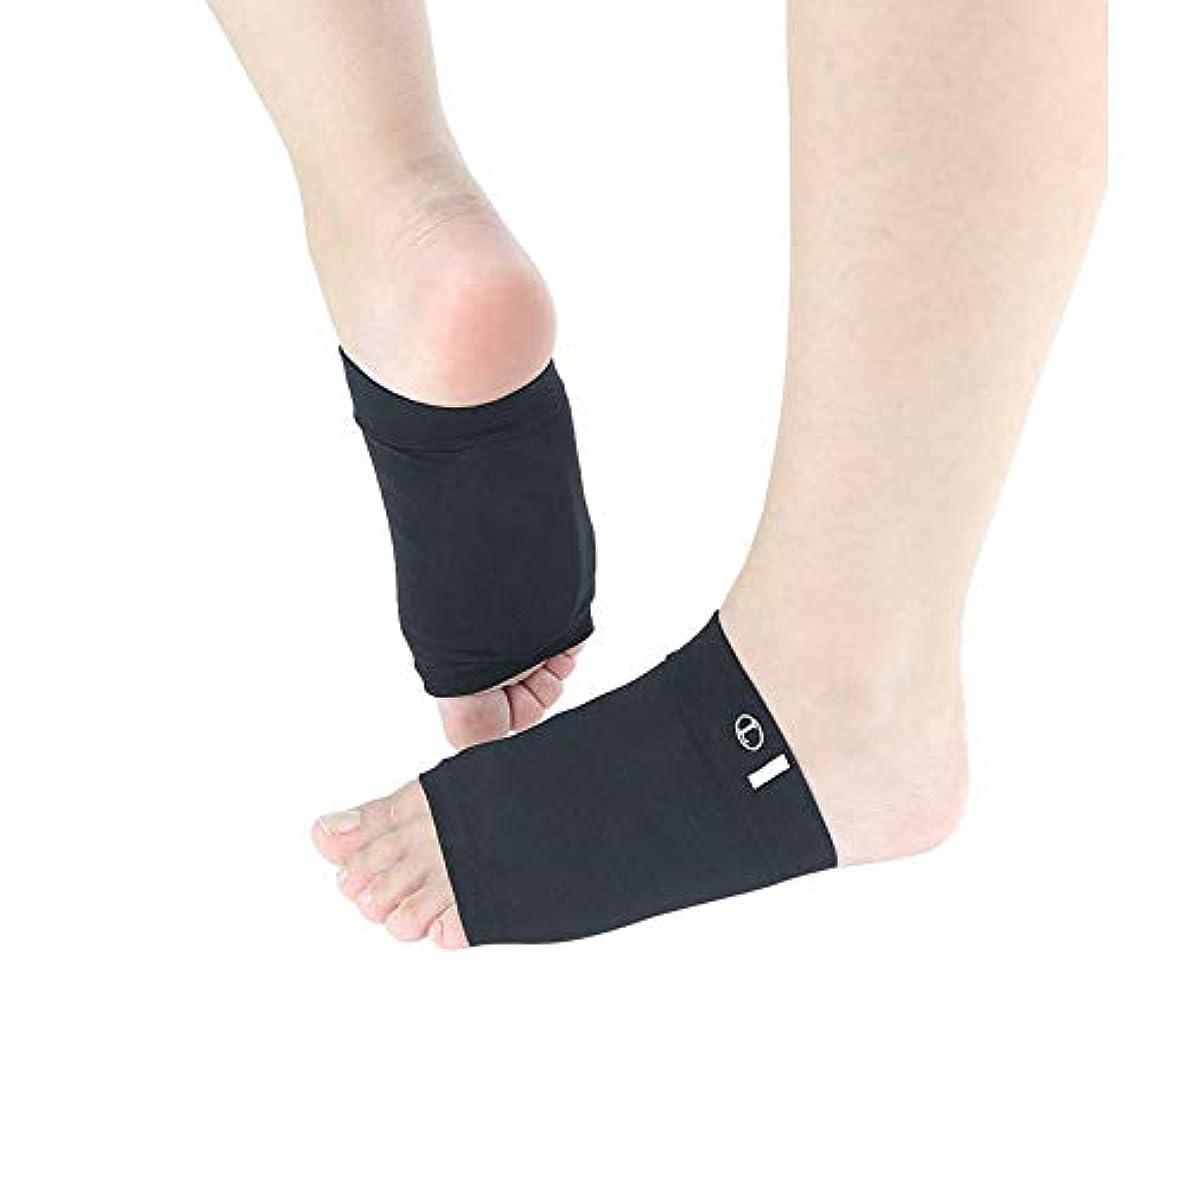 動物園系統的安定TCATEC 扁平足 サポーター アーチサポーター 偏平足 矯正 足裏 土踏まず むくみ解消 衝撃吸収 足底筋膜炎 足の痛み対策 歩行 立ち仕事 フリーサイズ 男女兼用